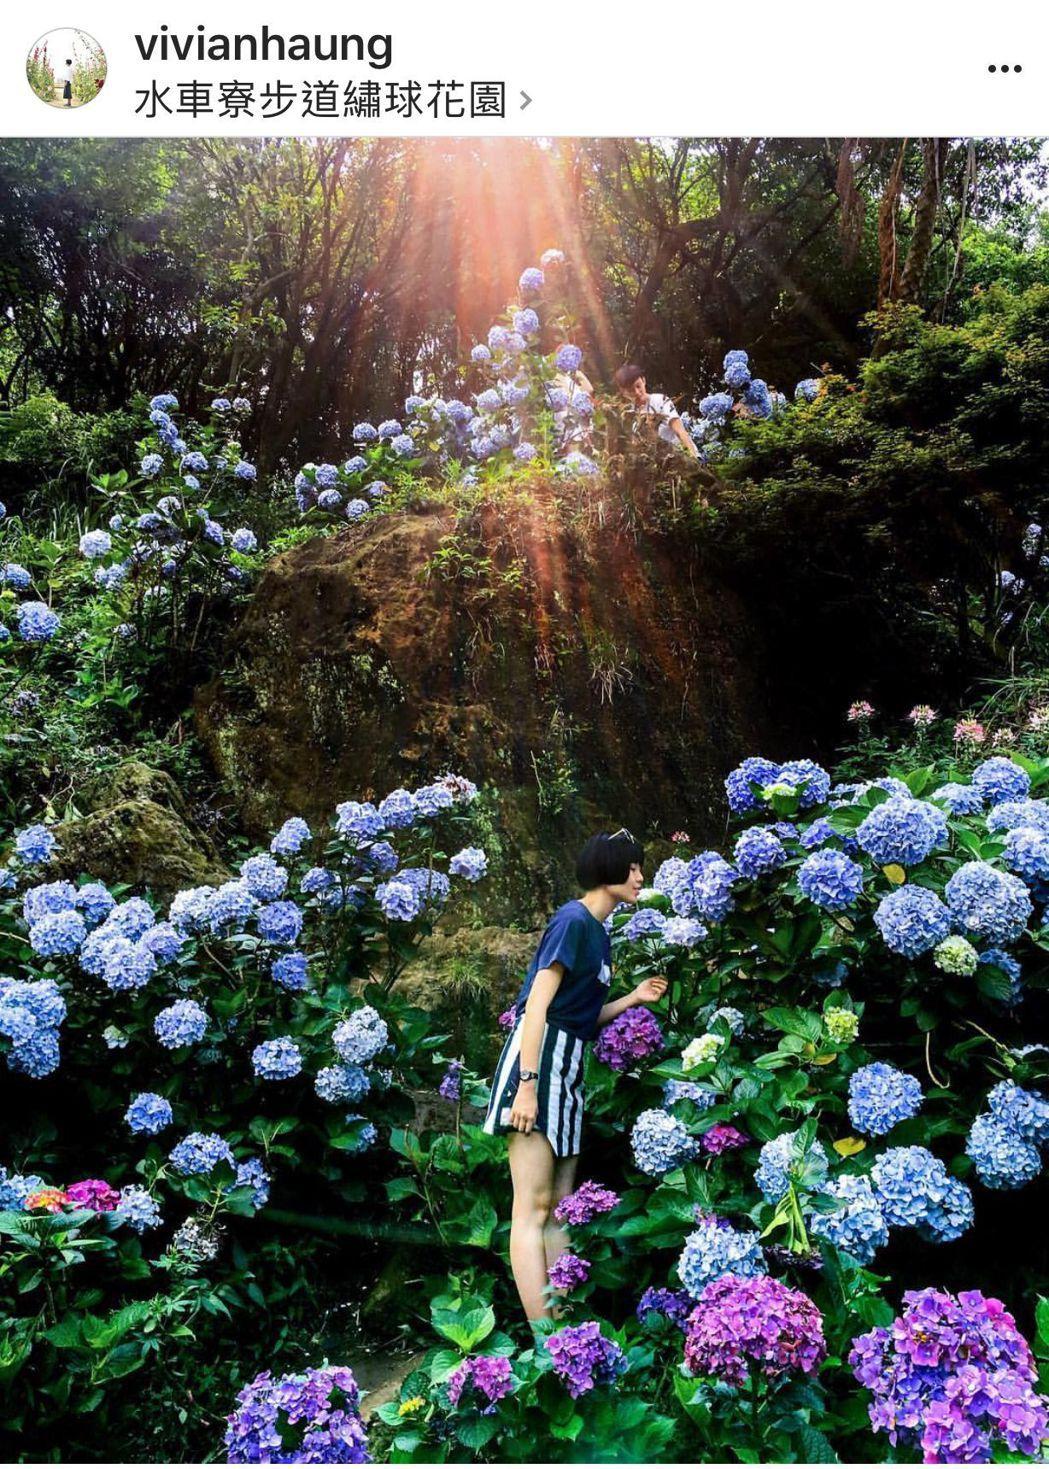 台南攝影玩家vivianhaung(香菇)在陽明山拍下水車寮步道繡球花園美照,登...